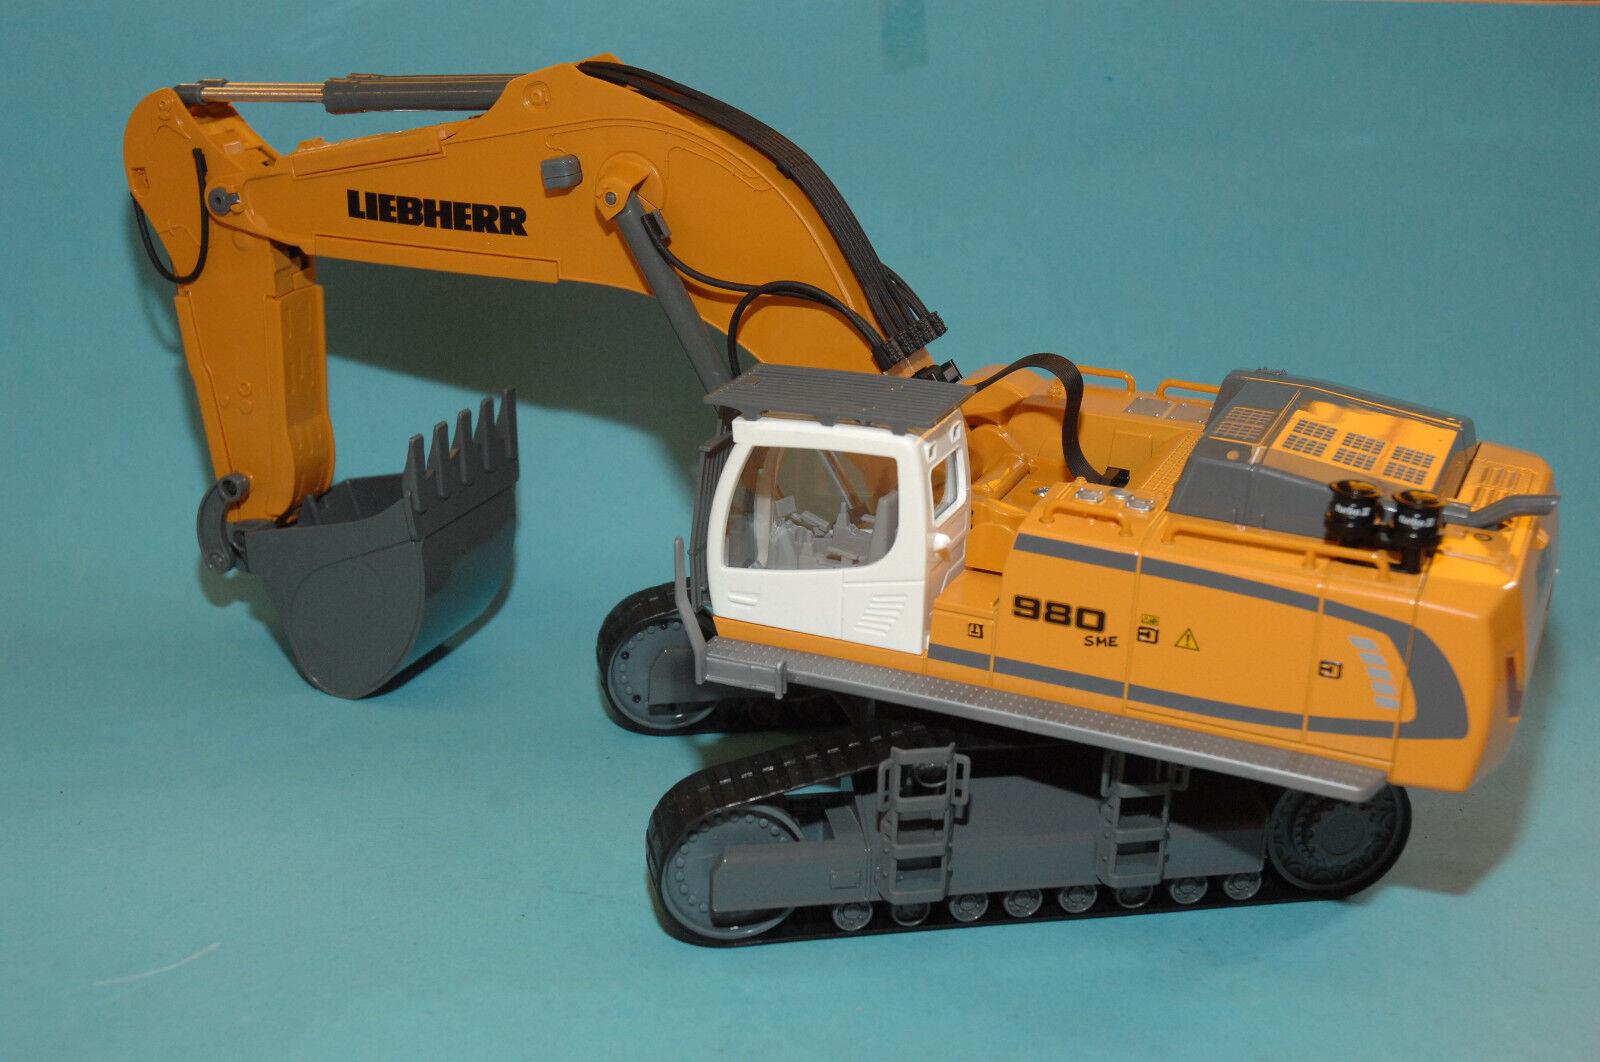 Siku Control 32 6740 Liebherr R980 Crawler delle PMI Escavatore RC Modello 1 32 NUOVO